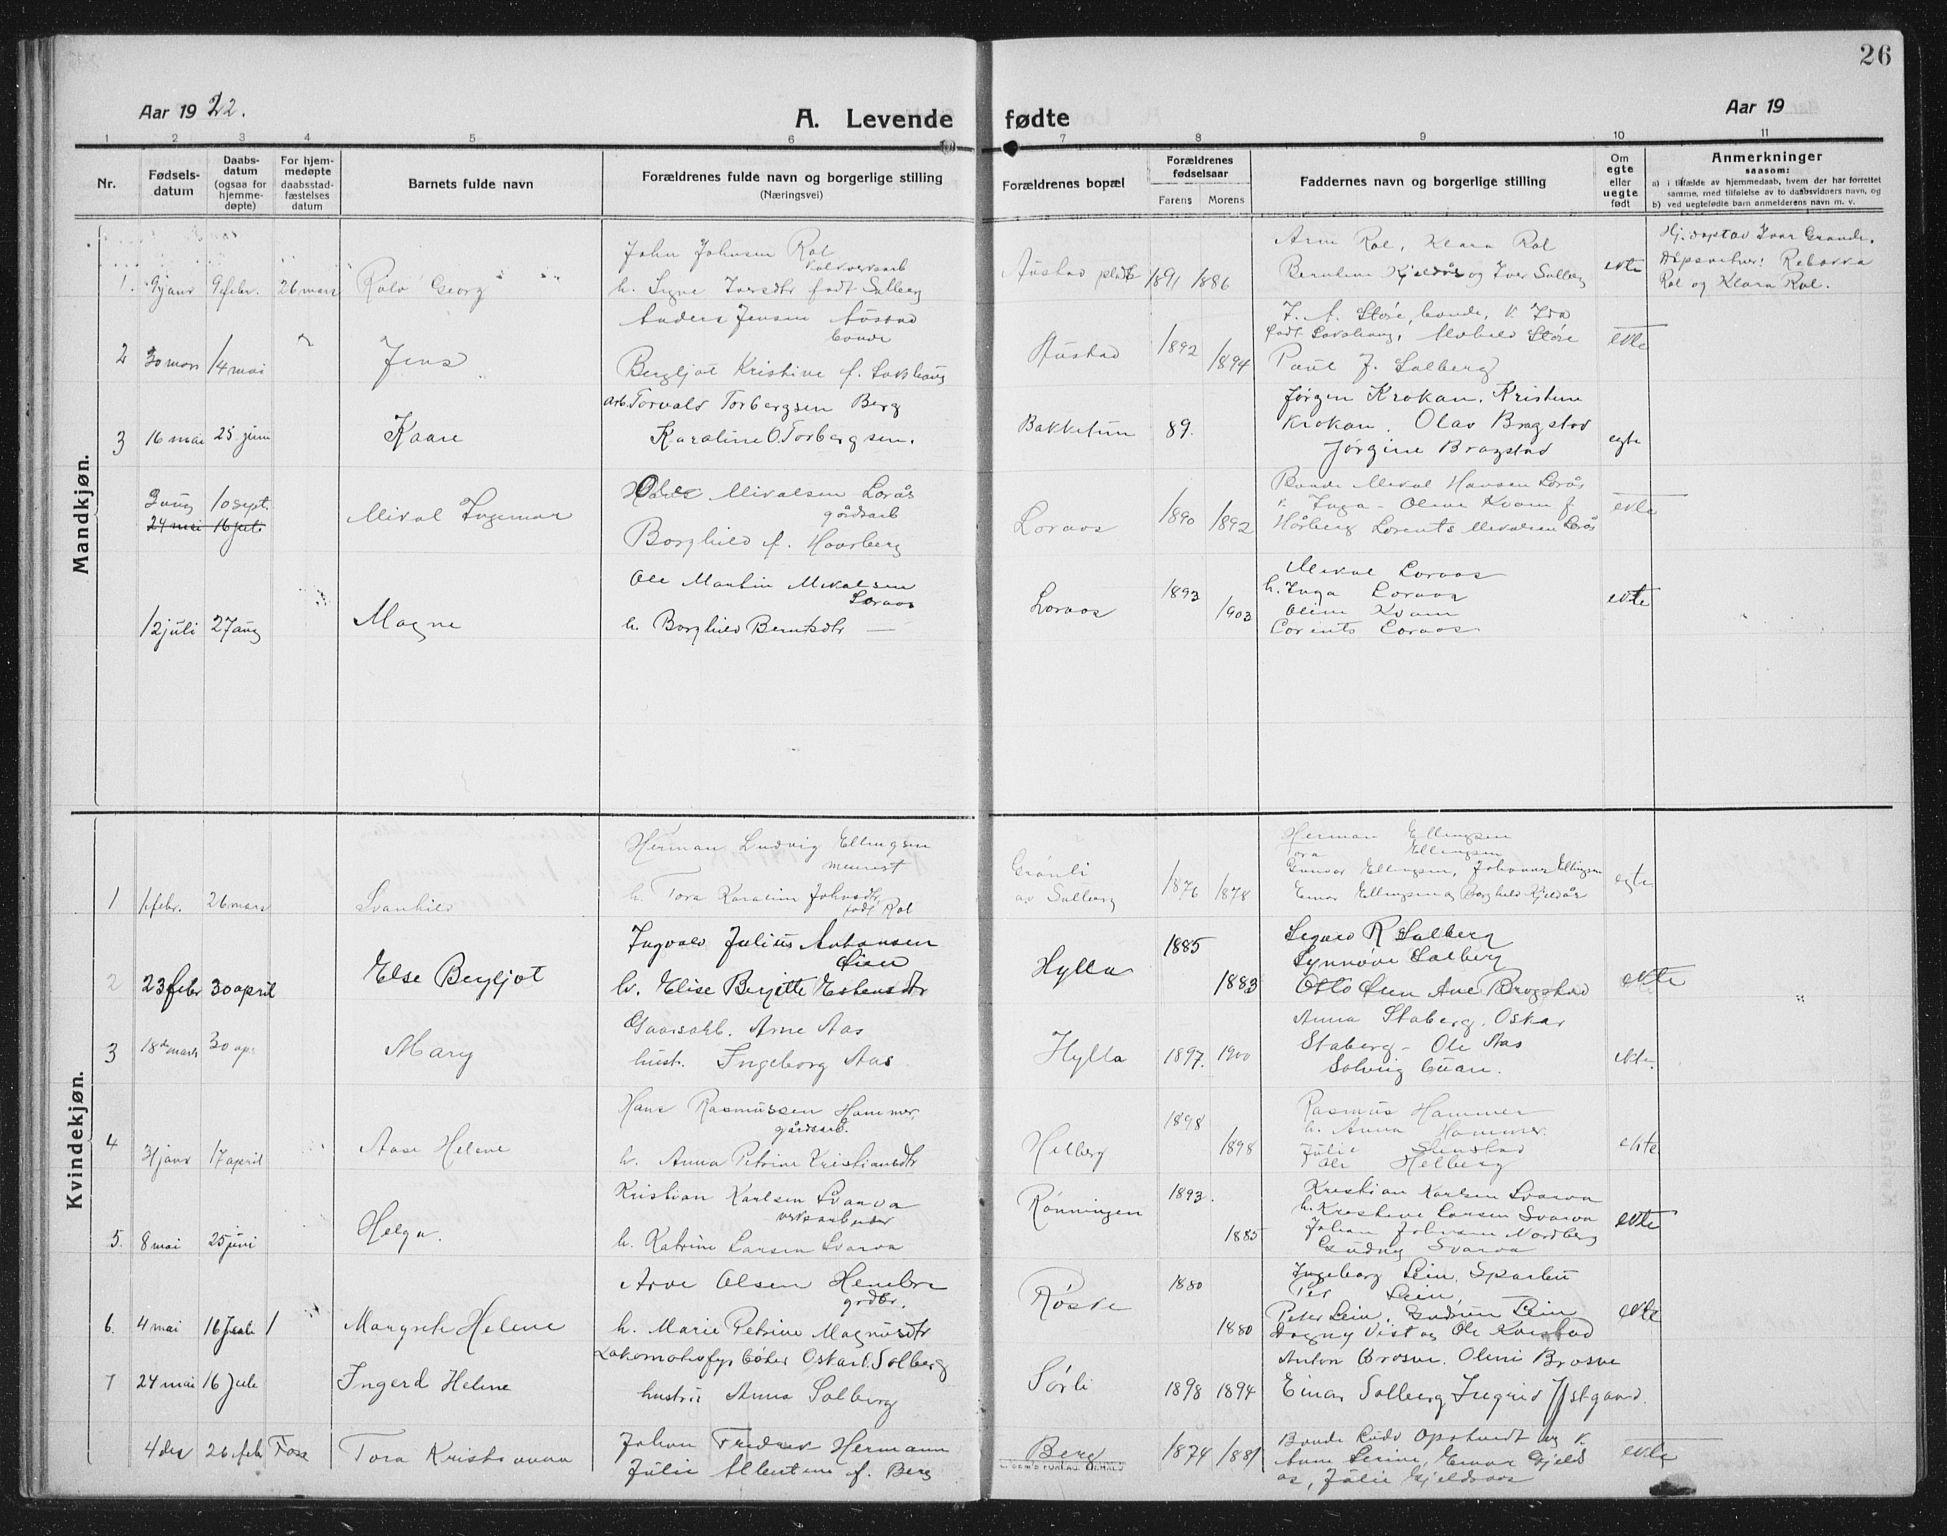 SAT, Ministerialprotokoller, klokkerbøker og fødselsregistre - Nord-Trøndelag, 731/L0312: Klokkerbok nr. 731C03, 1911-1935, s. 26